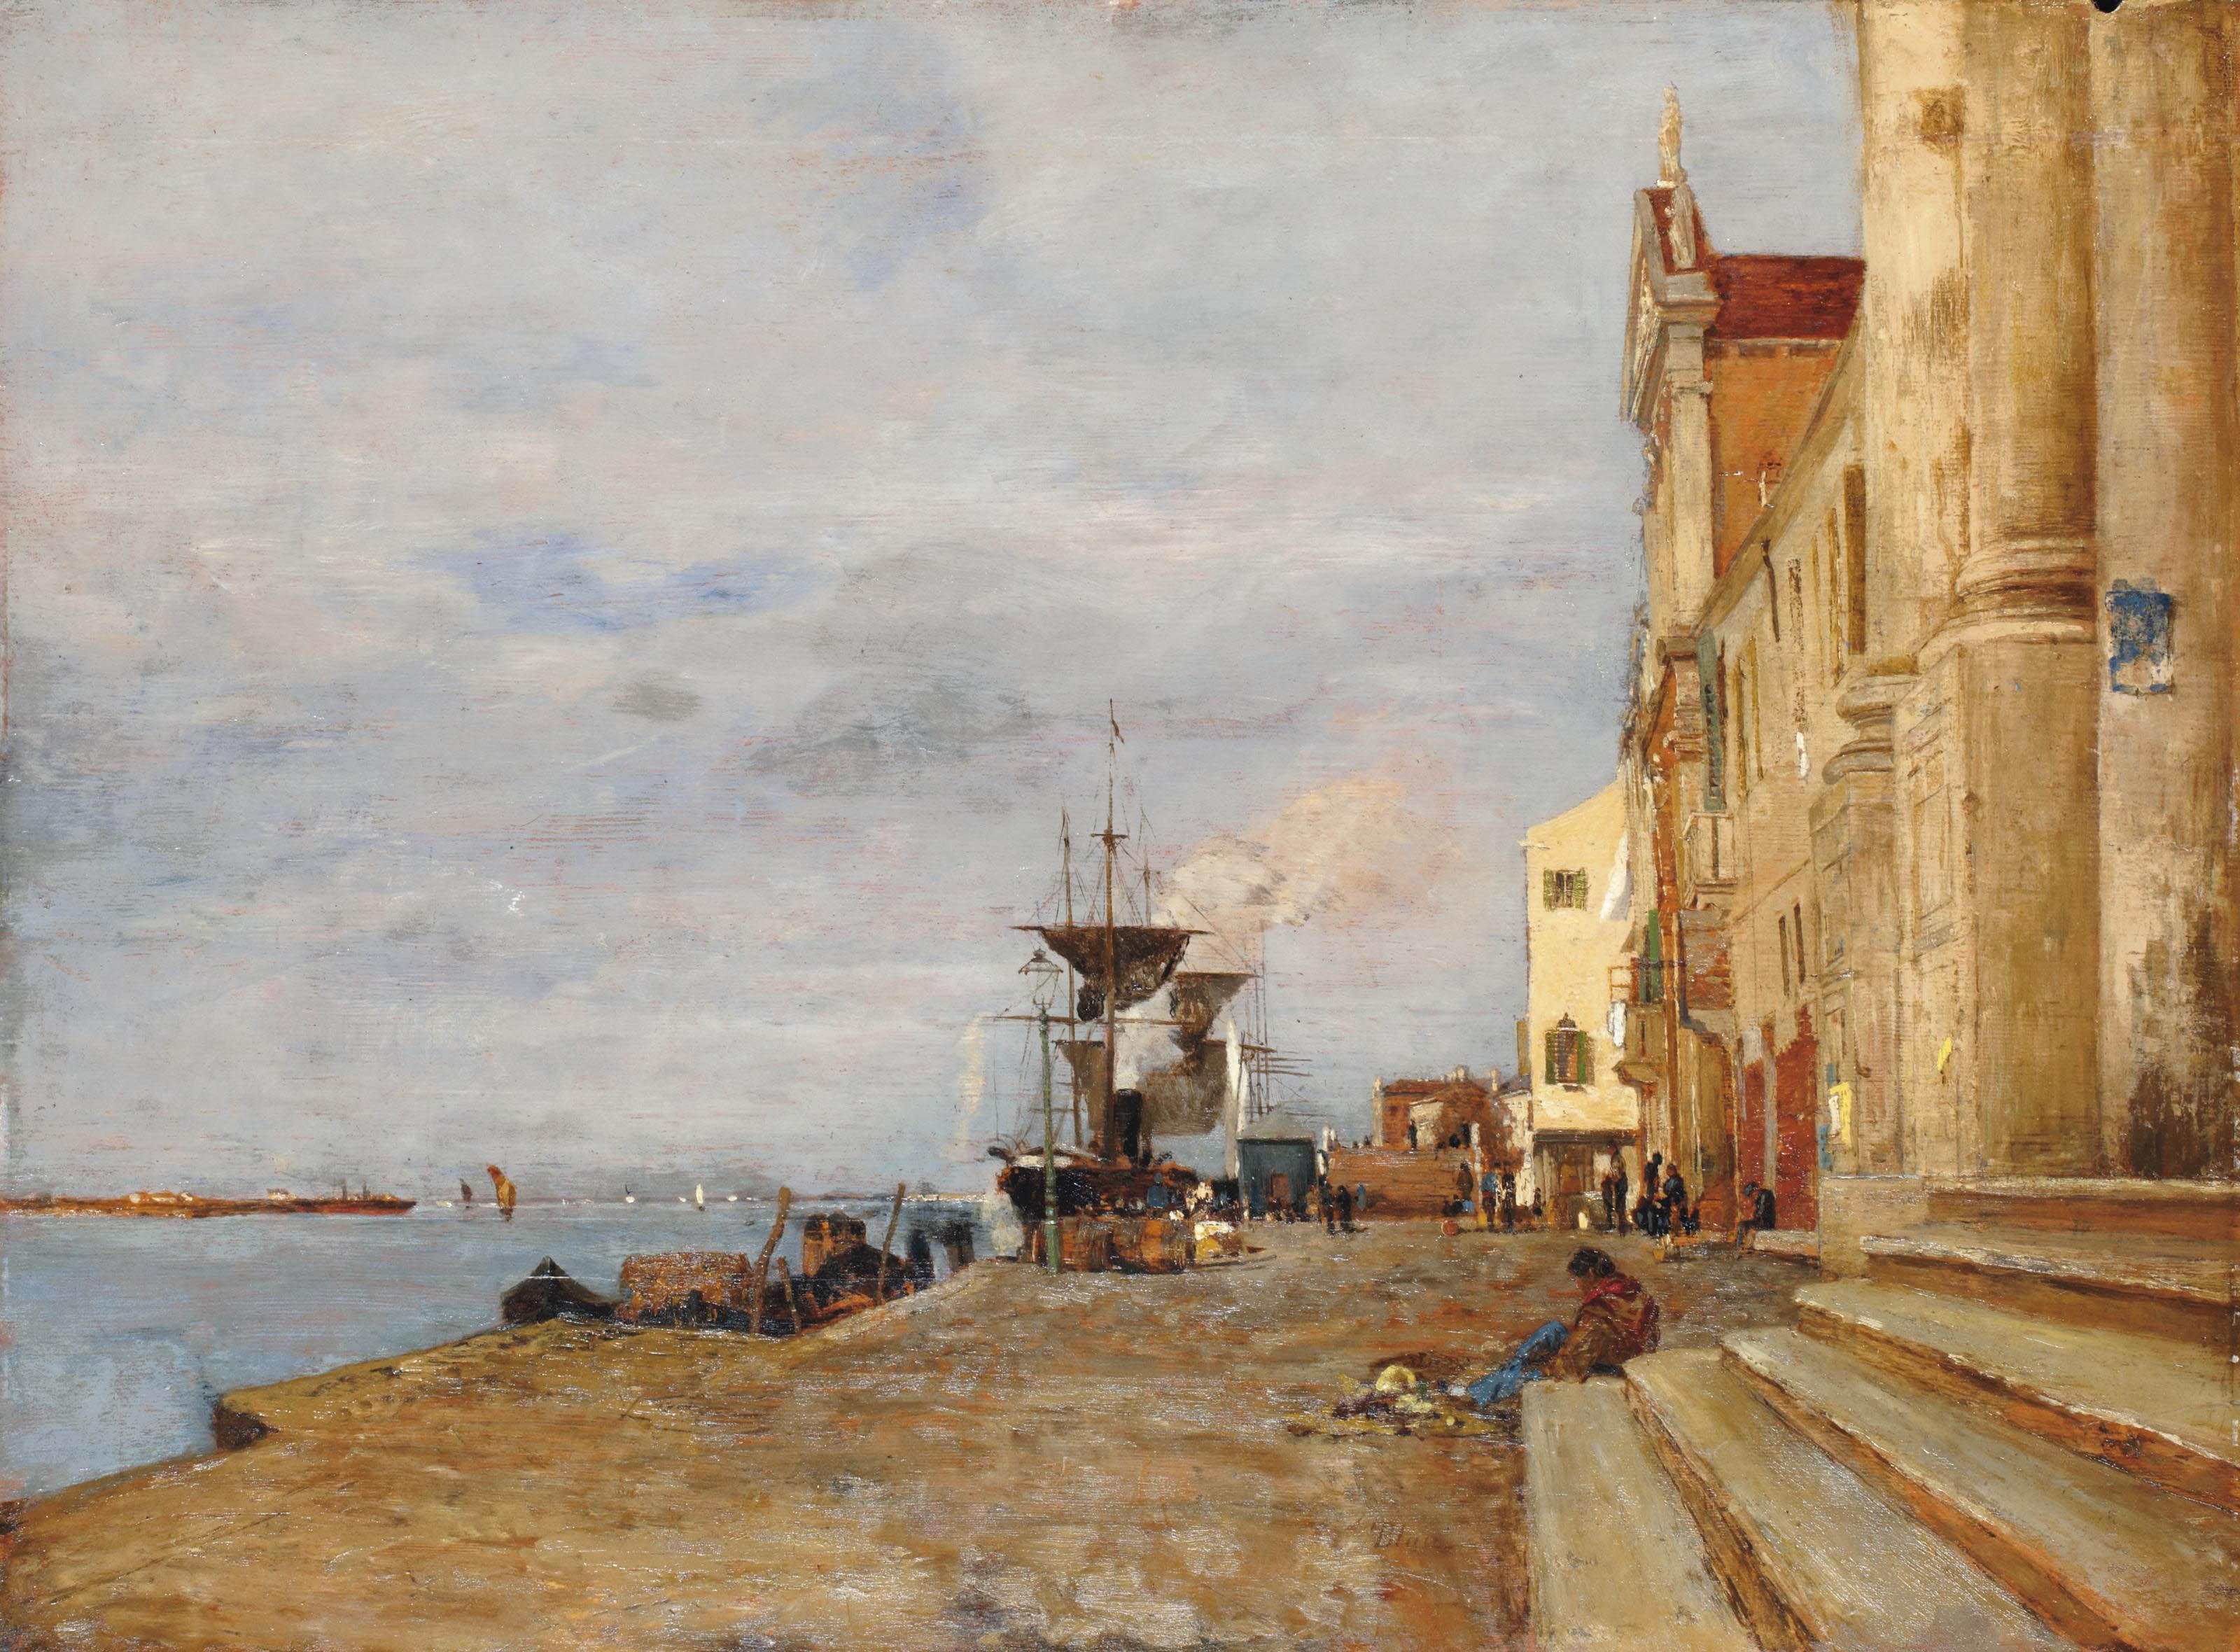 Vue d'un petit port en Italie